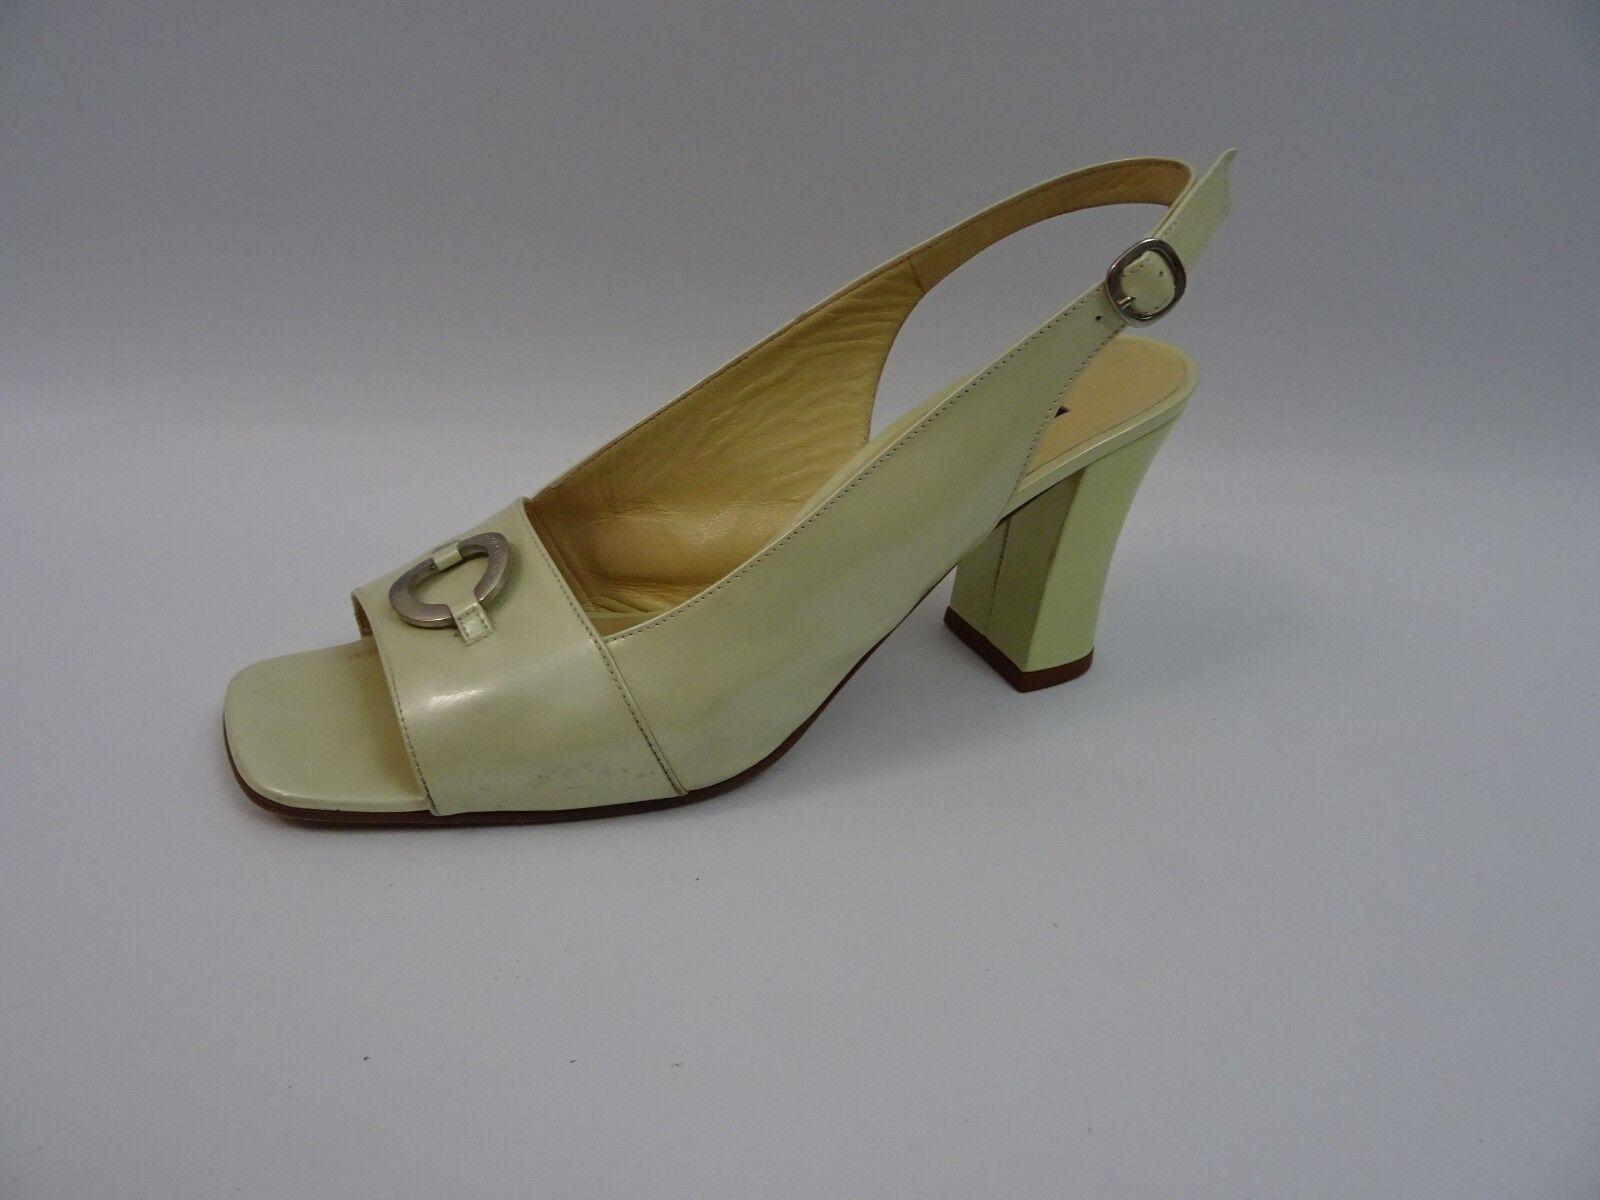 Sergio Rossi zapatos señora sandalias cómoda bloque apartado 40 amarillo claro metalizado Shoe